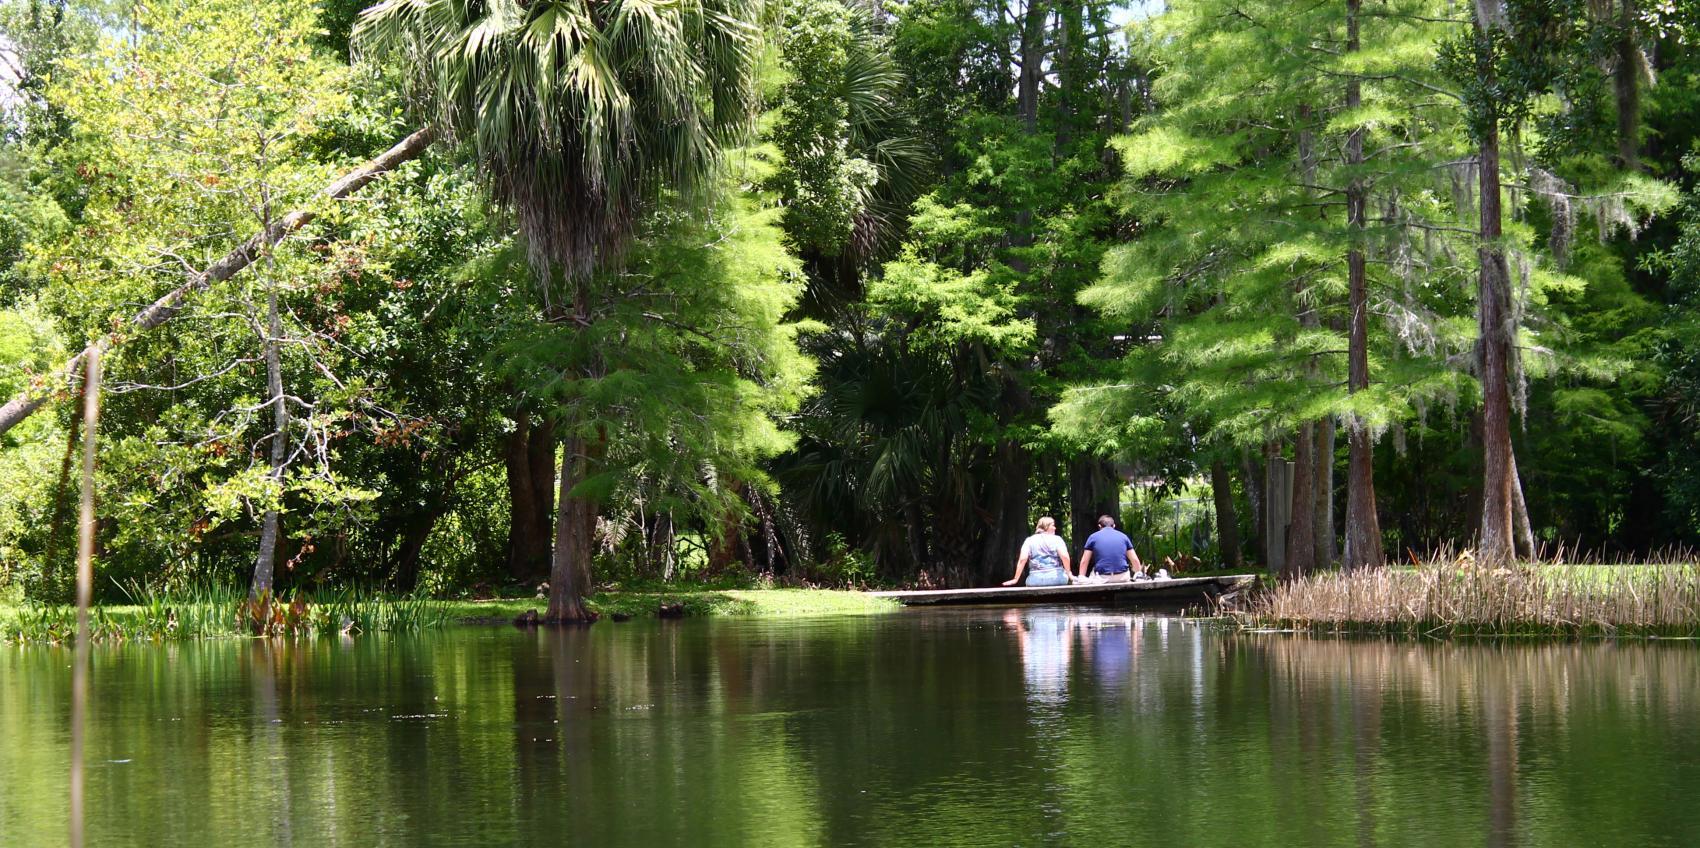 Mead botanical garden american public gardens association for American garden association